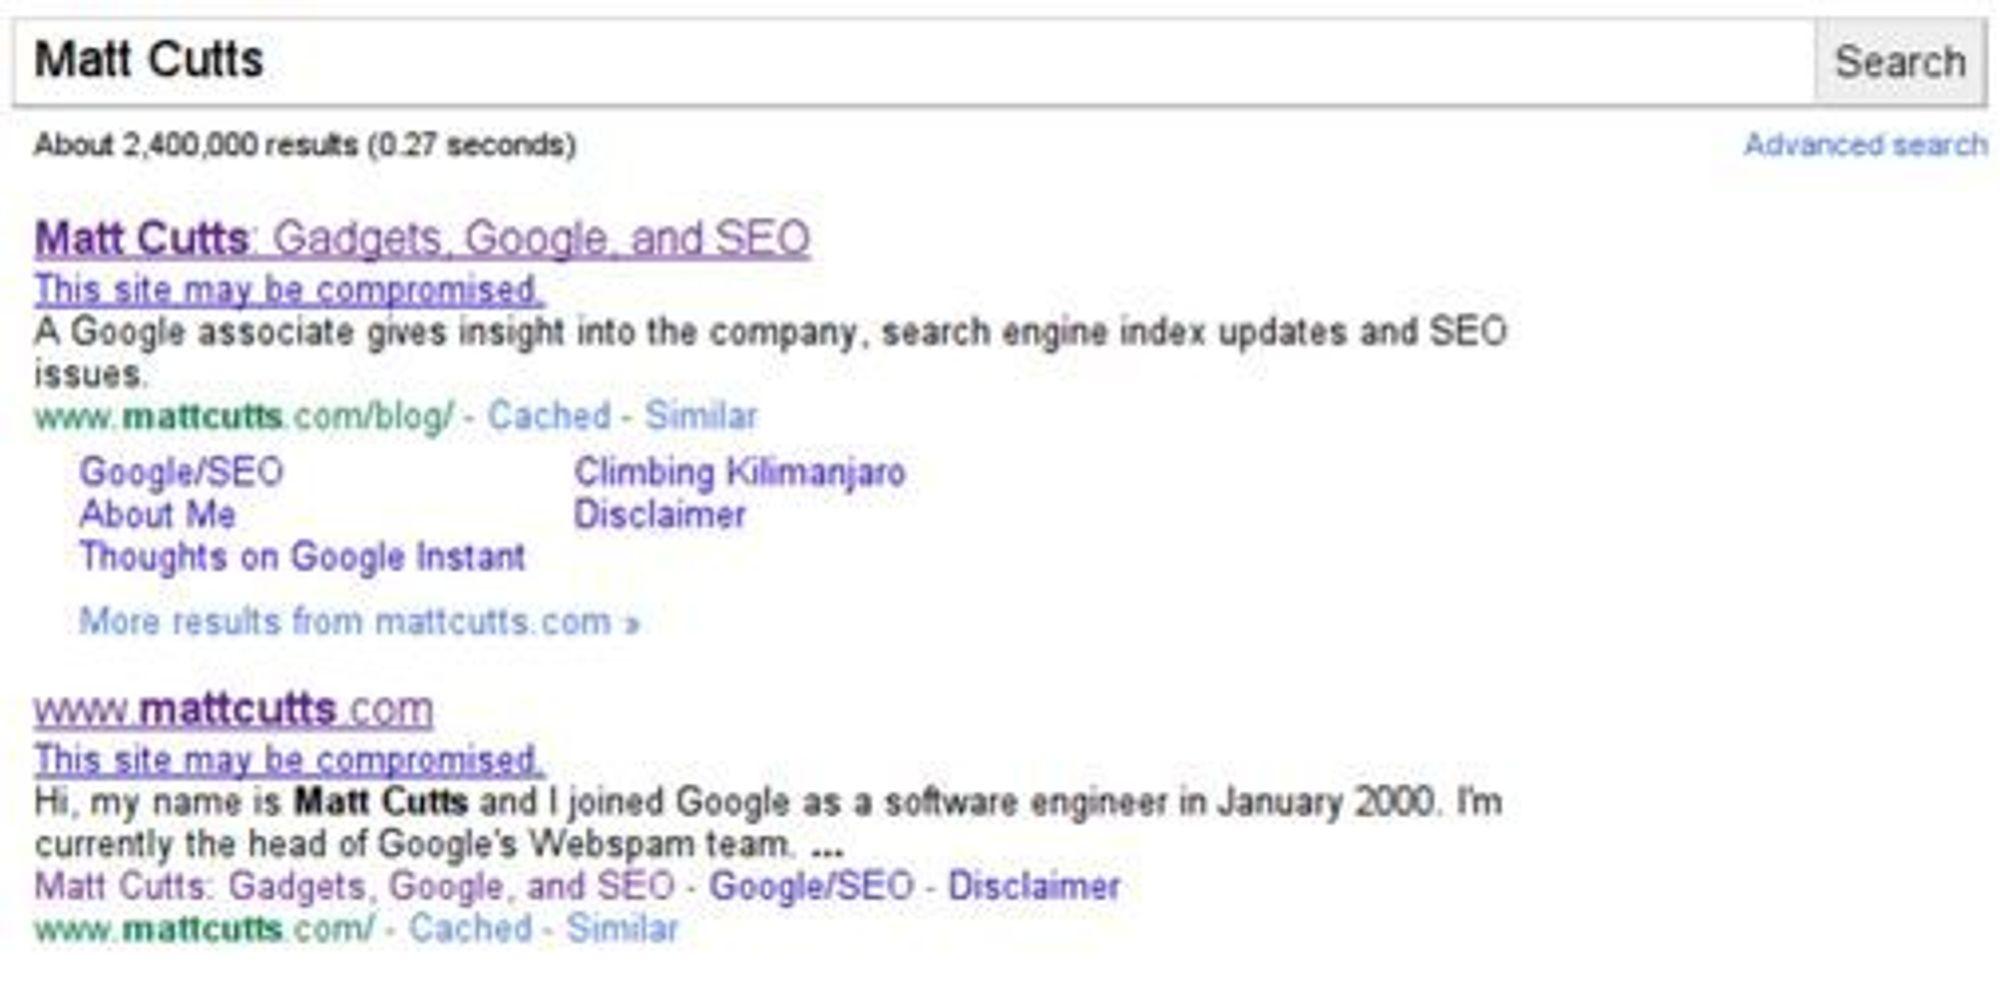 Google advarer om kompromitterte nettsteder i søkeresultatene